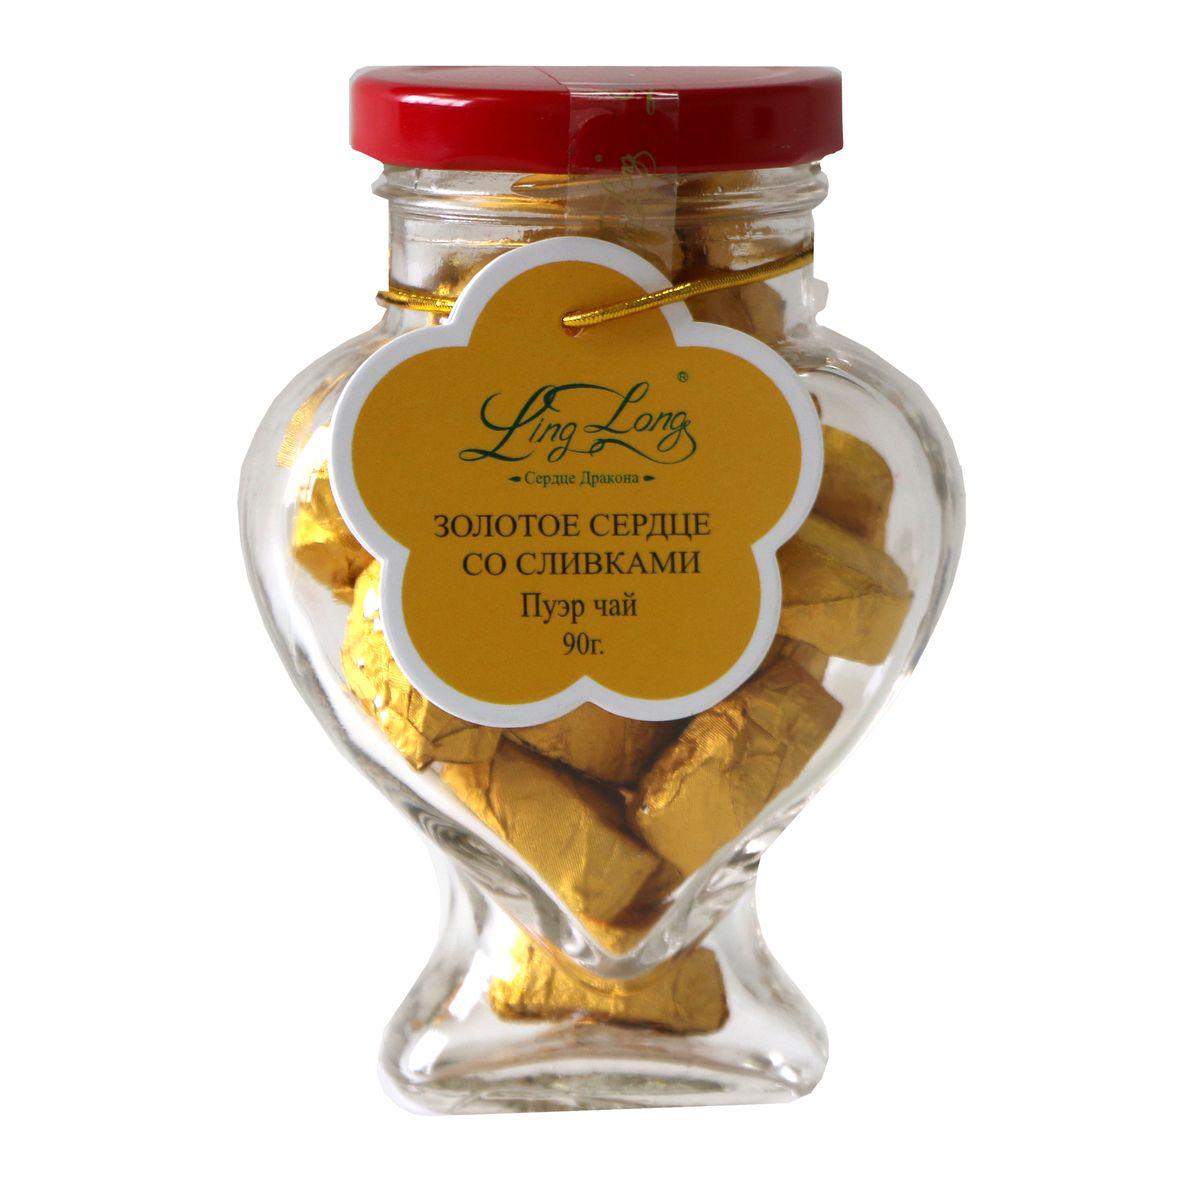 Ling Long Золотое сердце со сливками черный листовой чай пуэр, 90 г (стеклянная банка)LL508Чай черный Пуэр байховый китайский крупнолистовой Ling Long Золотое сердце с ароматом сливок. Спрессован в форме сердечек. Такой чай станет отличным подарком друзьям или близким.Всё о чае: сорта, факты, советы по выбору и употреблению. Статья OZON Гид